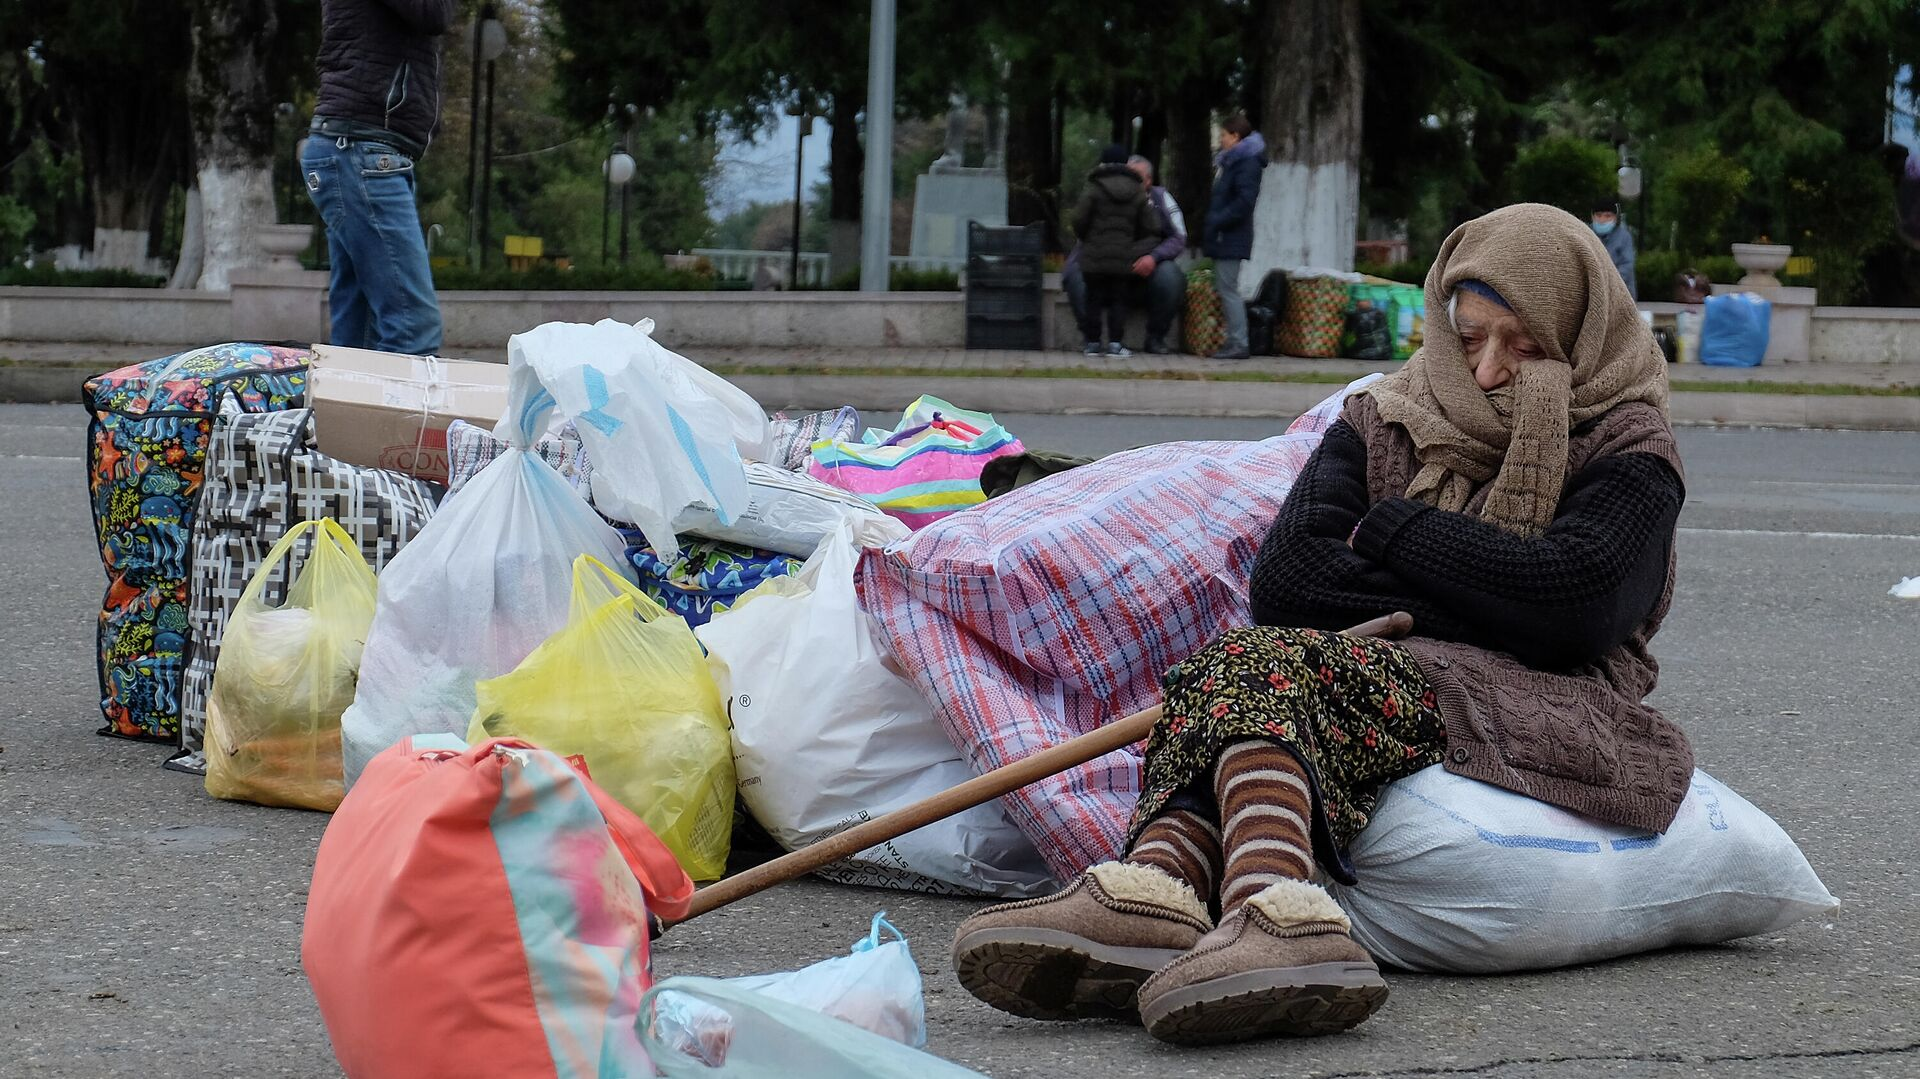 Беженцы из Нагорного Карабаха возвращаются в Степанакерт из Армении - РИА Новости, 1920, 06.12.2020